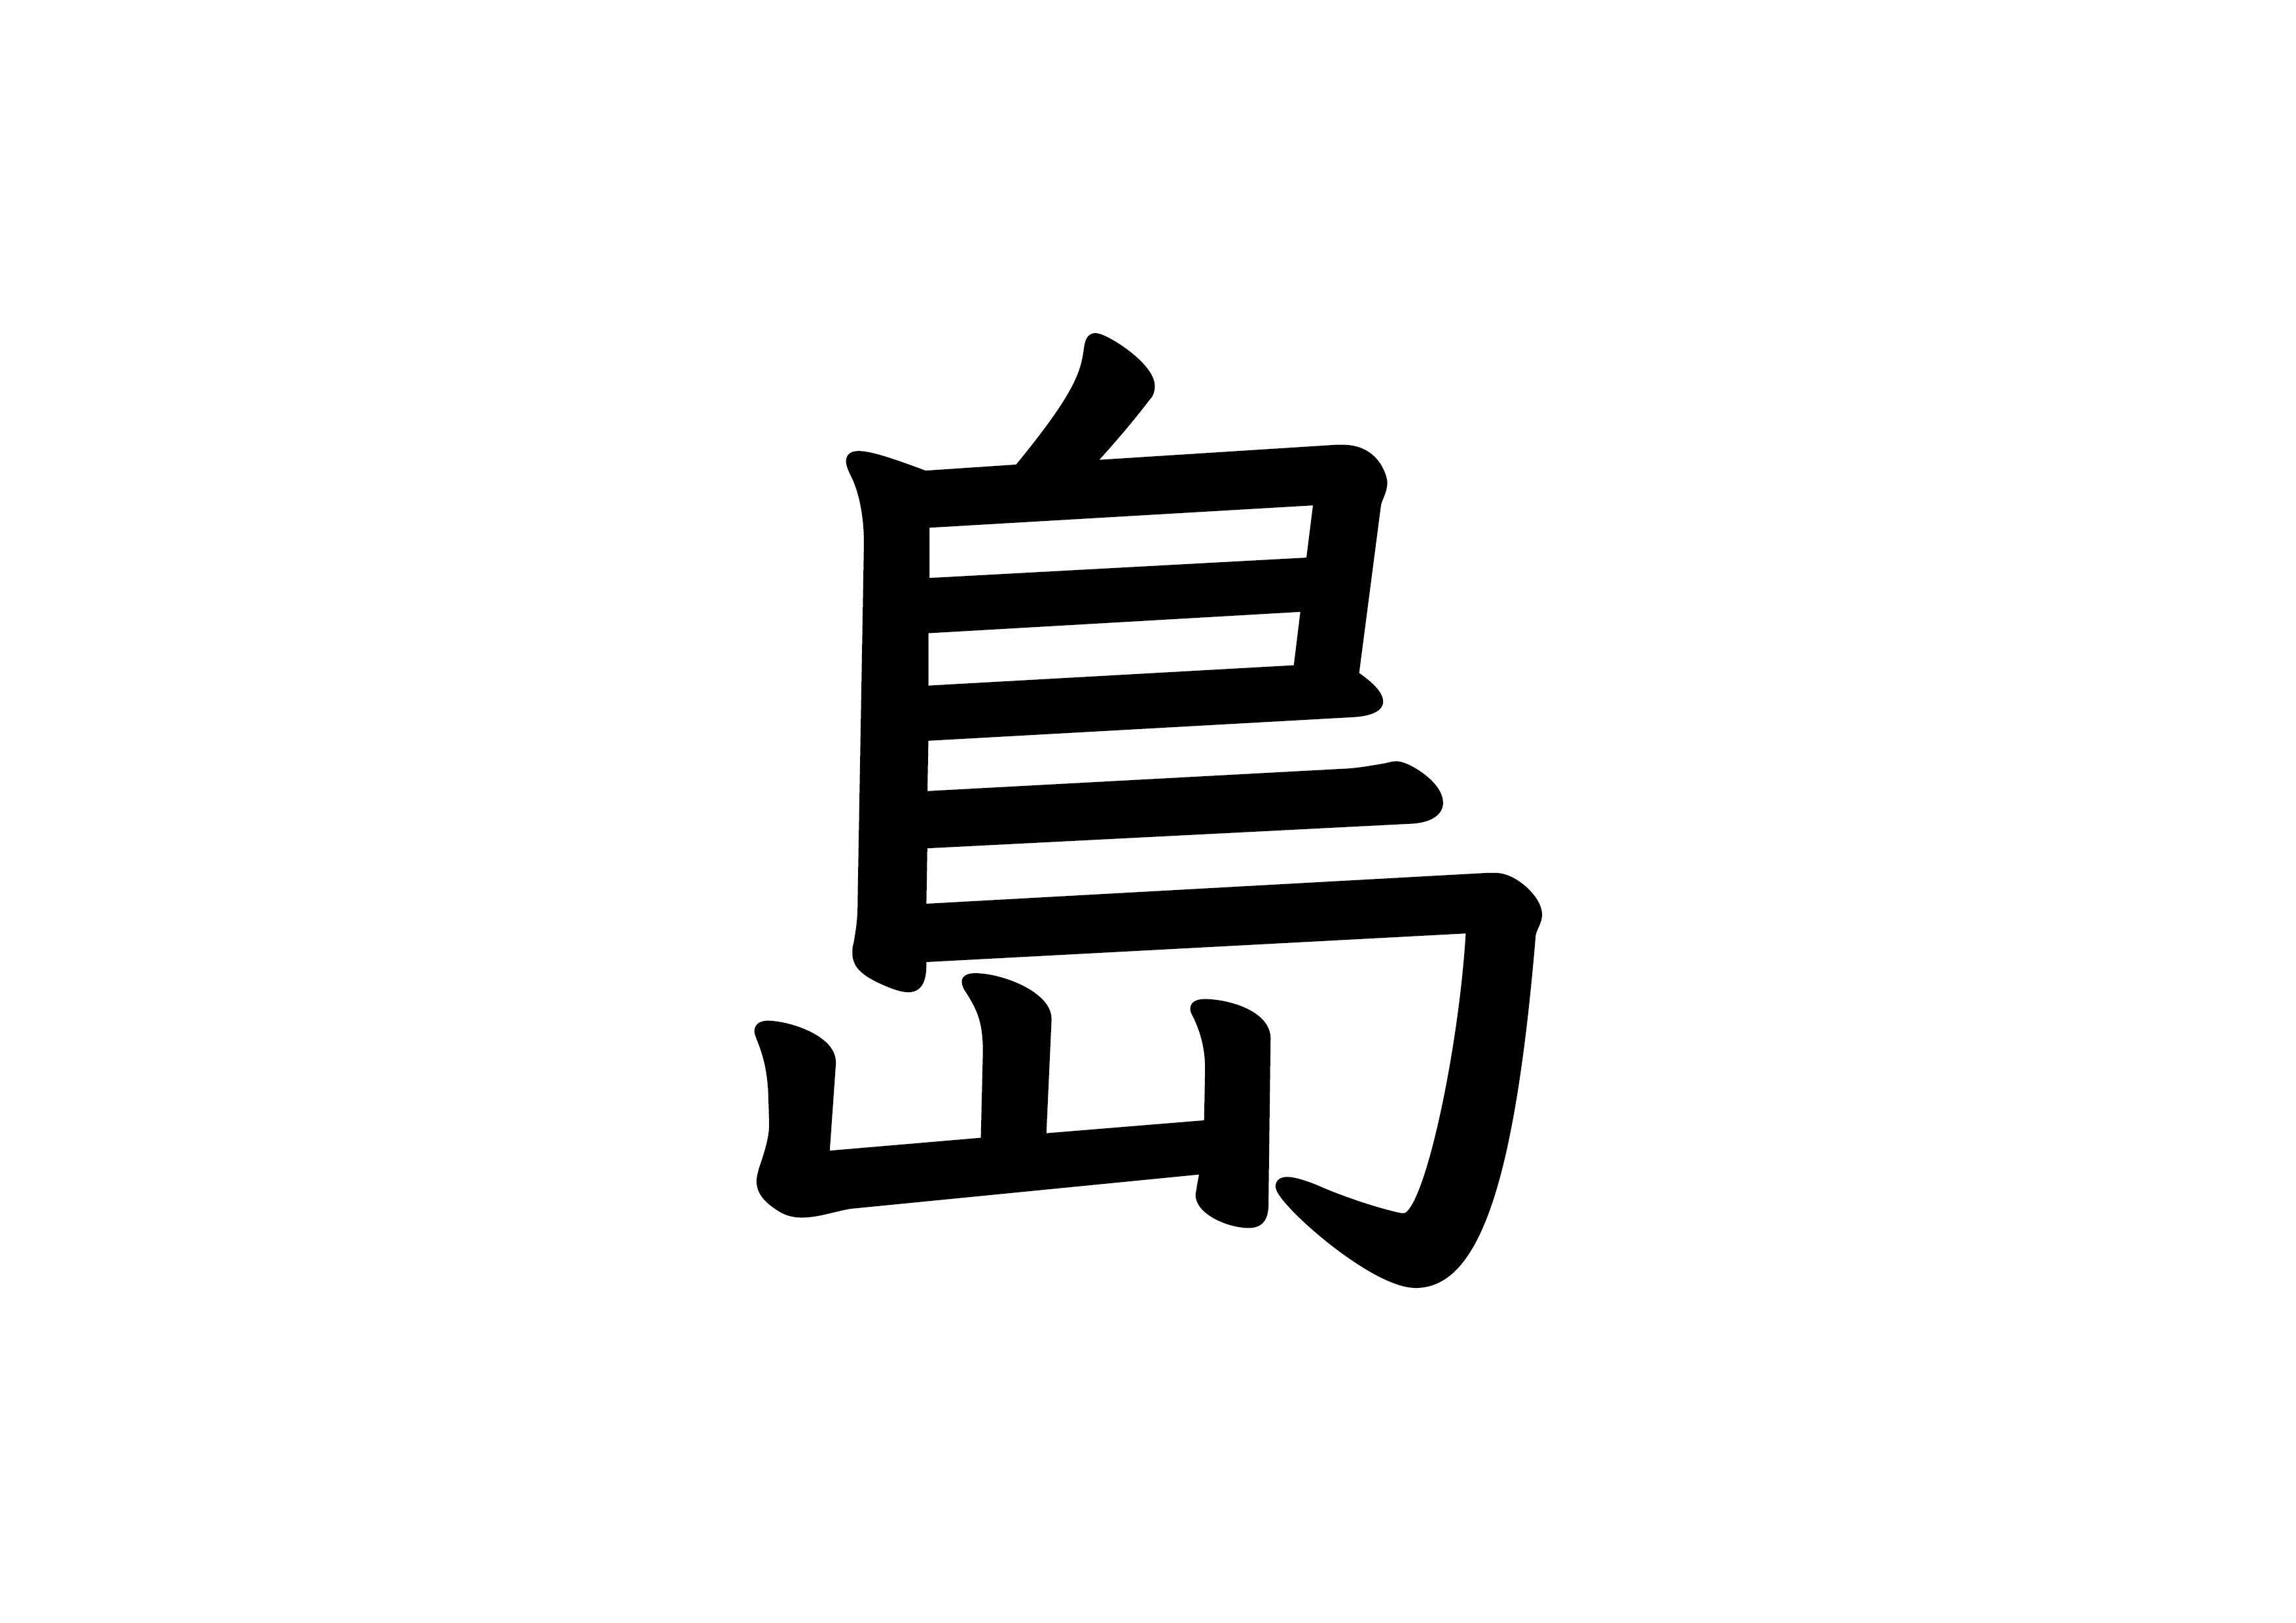 35課文字カード【島】